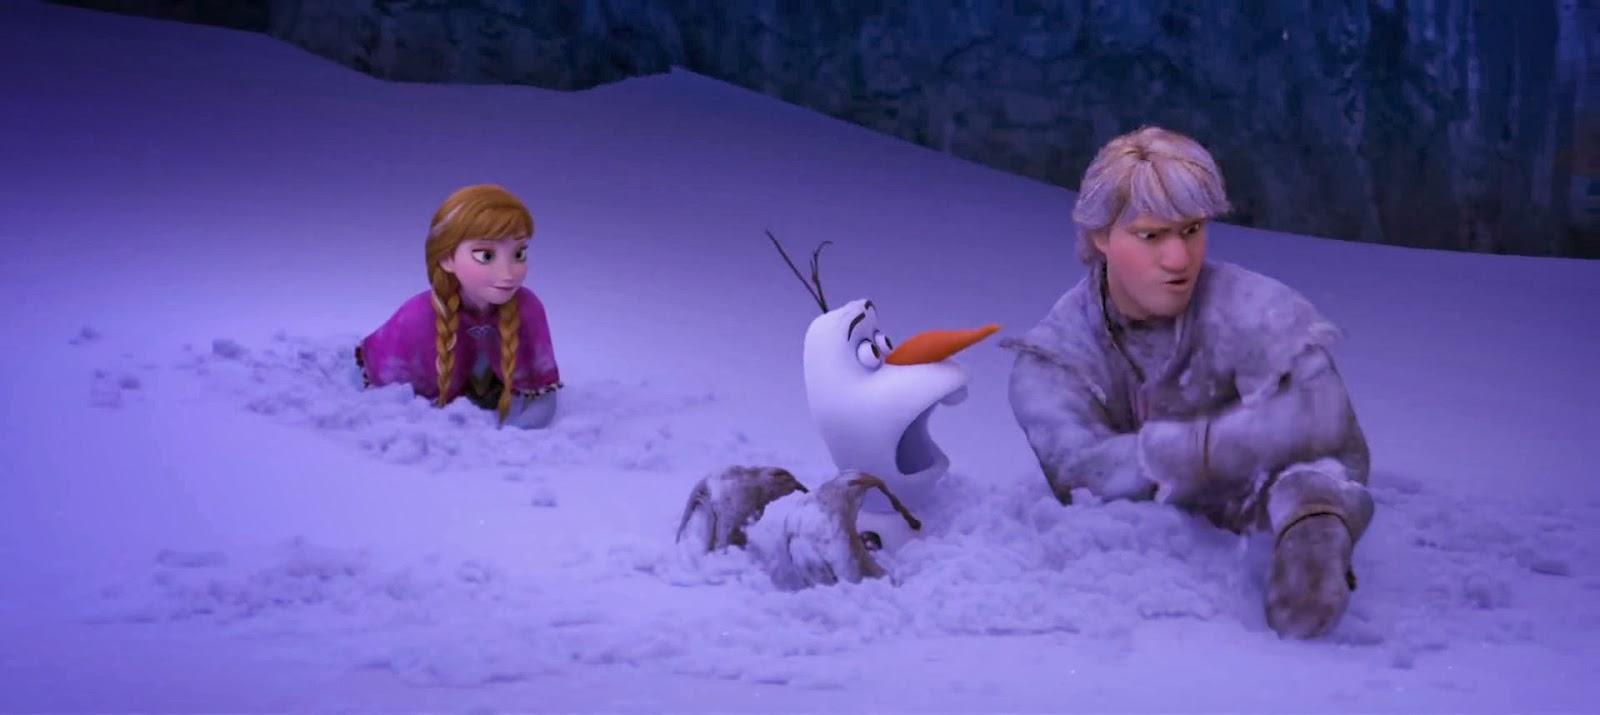 Il bollalmanacco di cinema frozen regno ghiaccio